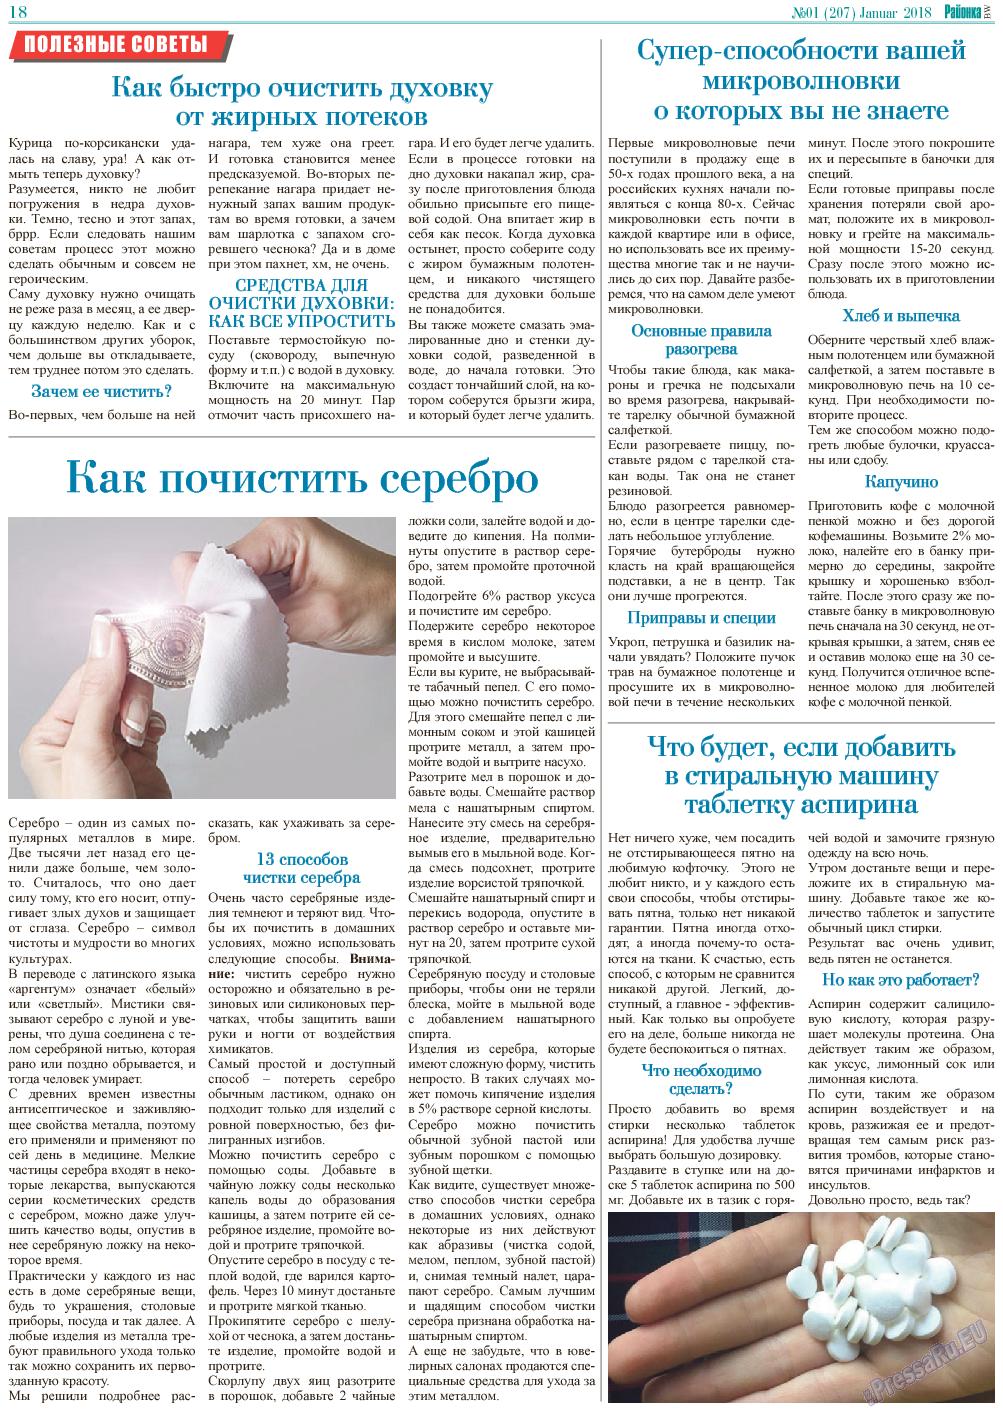 Районка-West (газета). 2018 год, номер 1, стр. 18